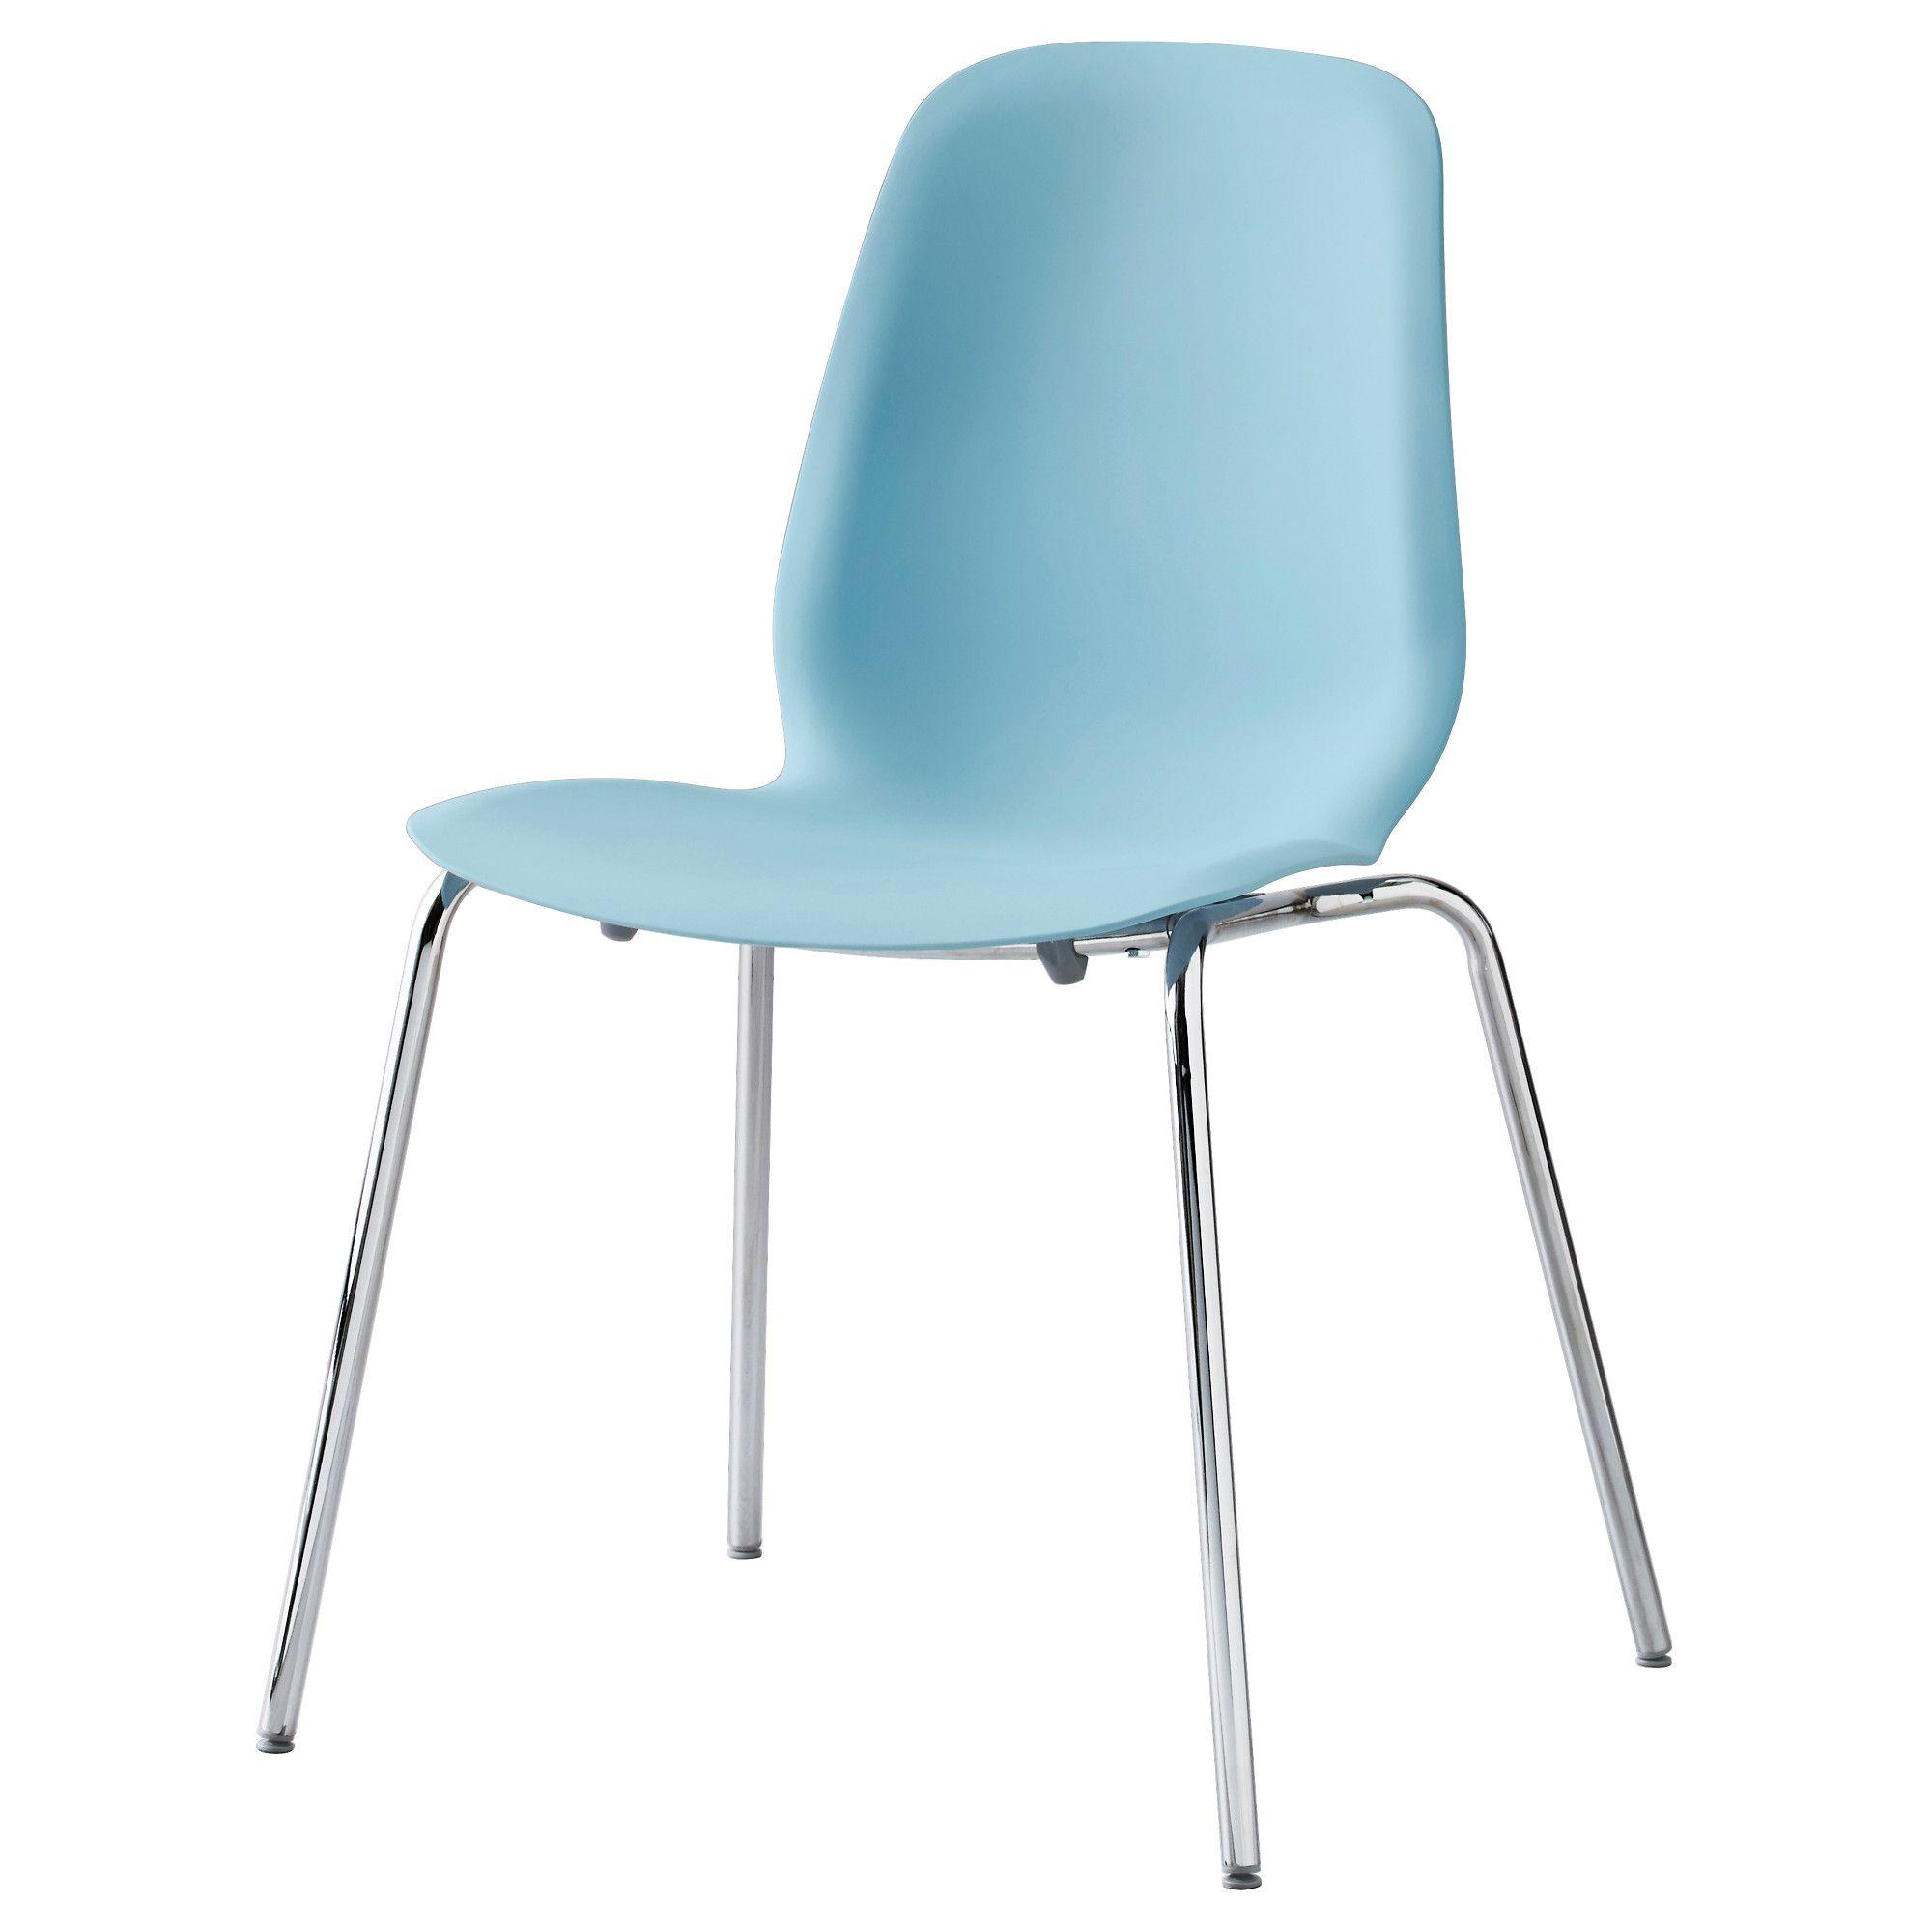 Küche Stühle Ikea Dies ist die neueste Informationen auf die Küche ...